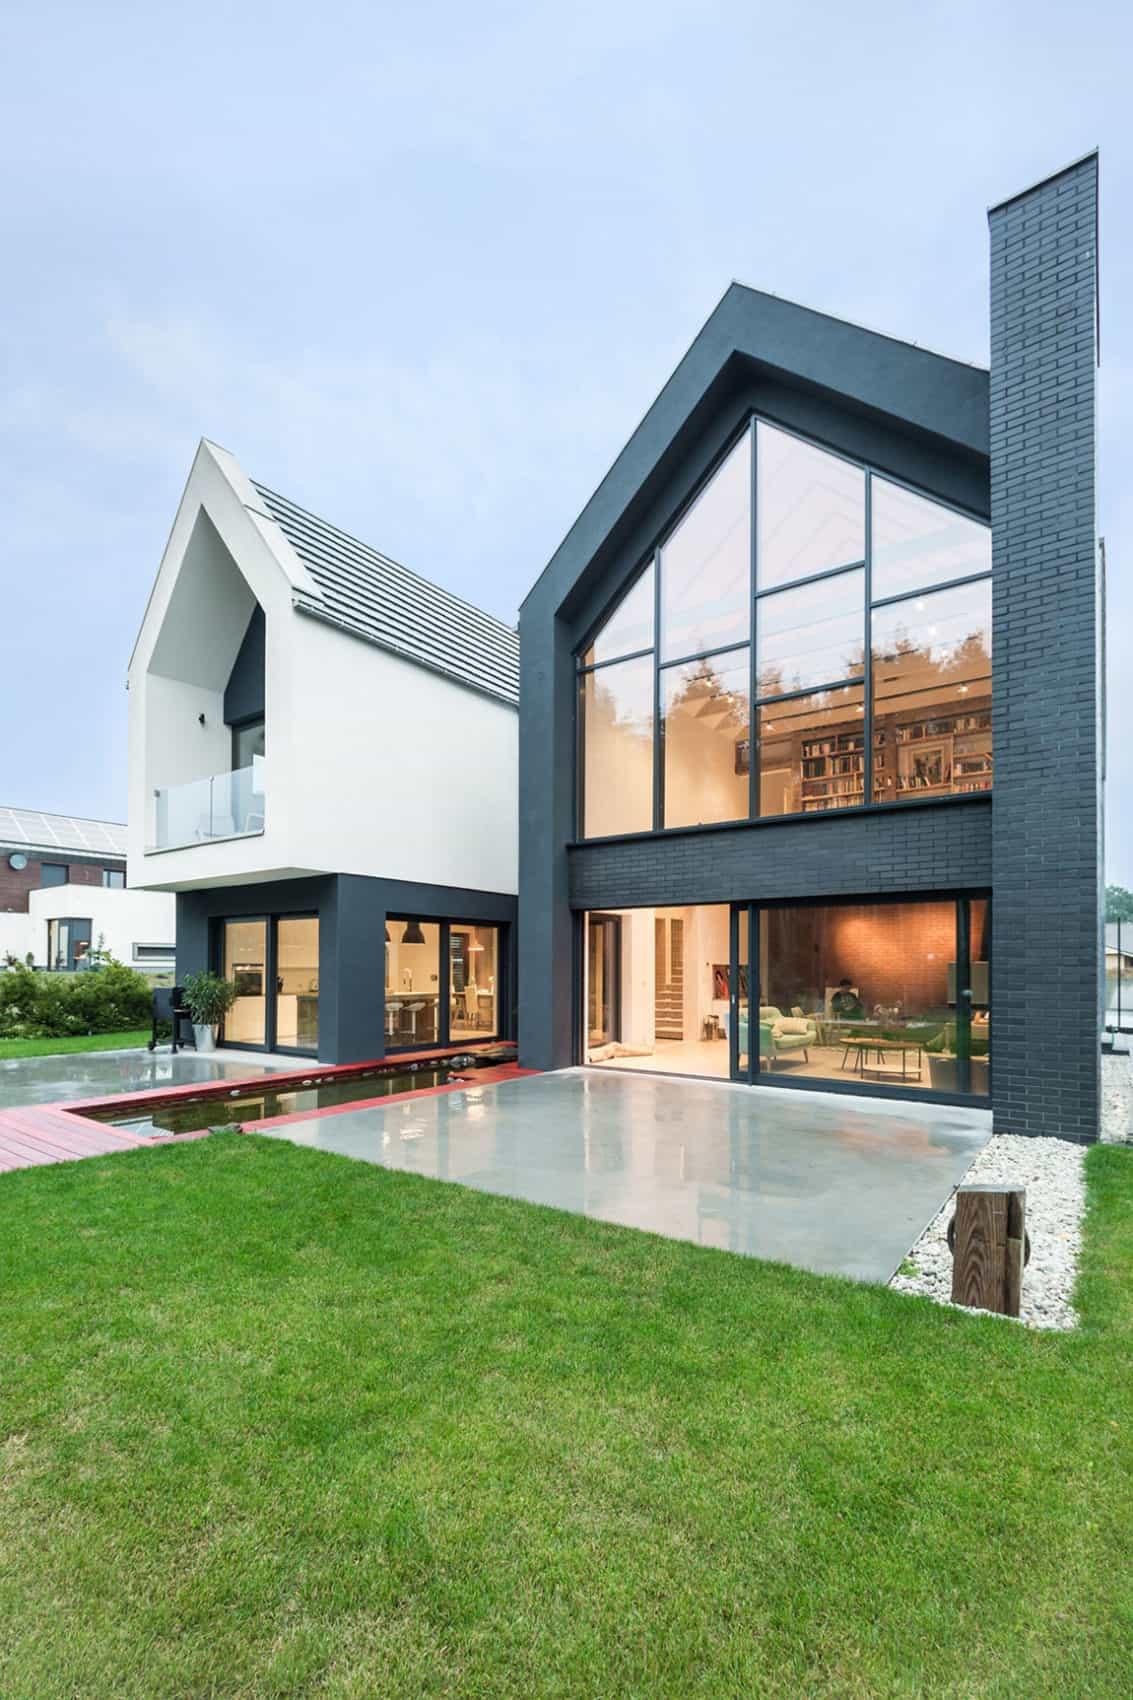 Fence House by mode:lina architekci (46)